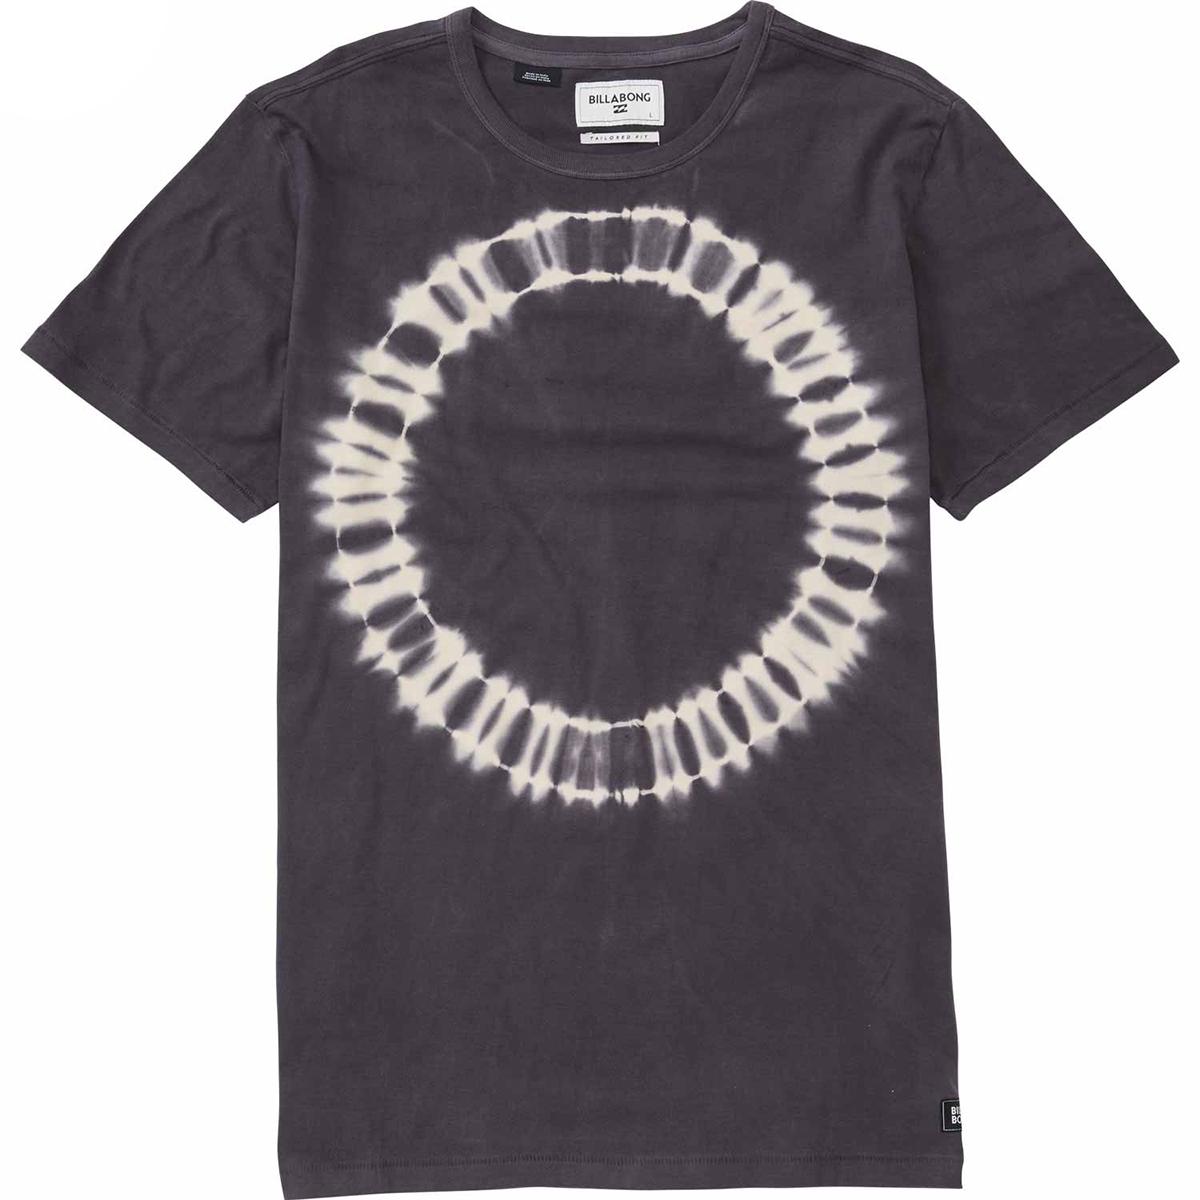 New RIOT SS CREWФутболки и Поло<br>Вареный дизайн этой футболки станет прекрасным дополнением летнего образа.<br><br><br>Особенности:<br><br>Мужская футболка<br>Прямой крой<br>Округленный вырез горловины<br>Вареный дизайн<br>Фирменный ярлычок Billabong<br>Состав: 100% хлопок.<br><br>Сезон: SS17<br>Артикул: 69940<br>Цвет: ASPHALT<br>Пол: МУЖ<br>Пол: Мужcкое<br>Размер: M<br>Тип вещи: ФУТБОЛКА